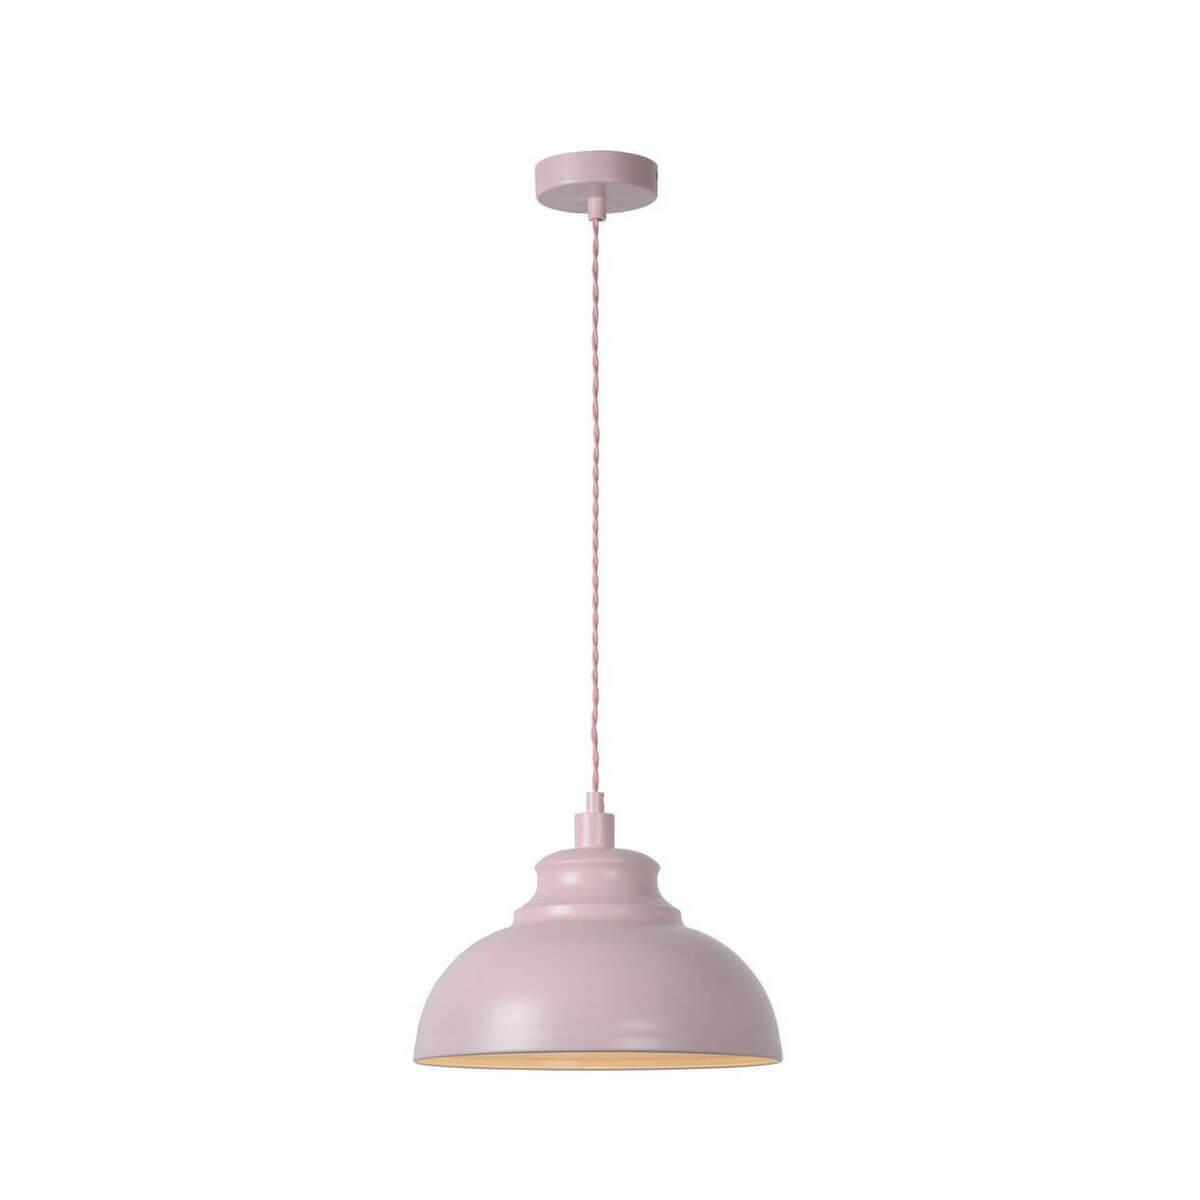 Подвесной светильник Lucide Isla 34400/29/66 светильник lucide isla 34400 29 38